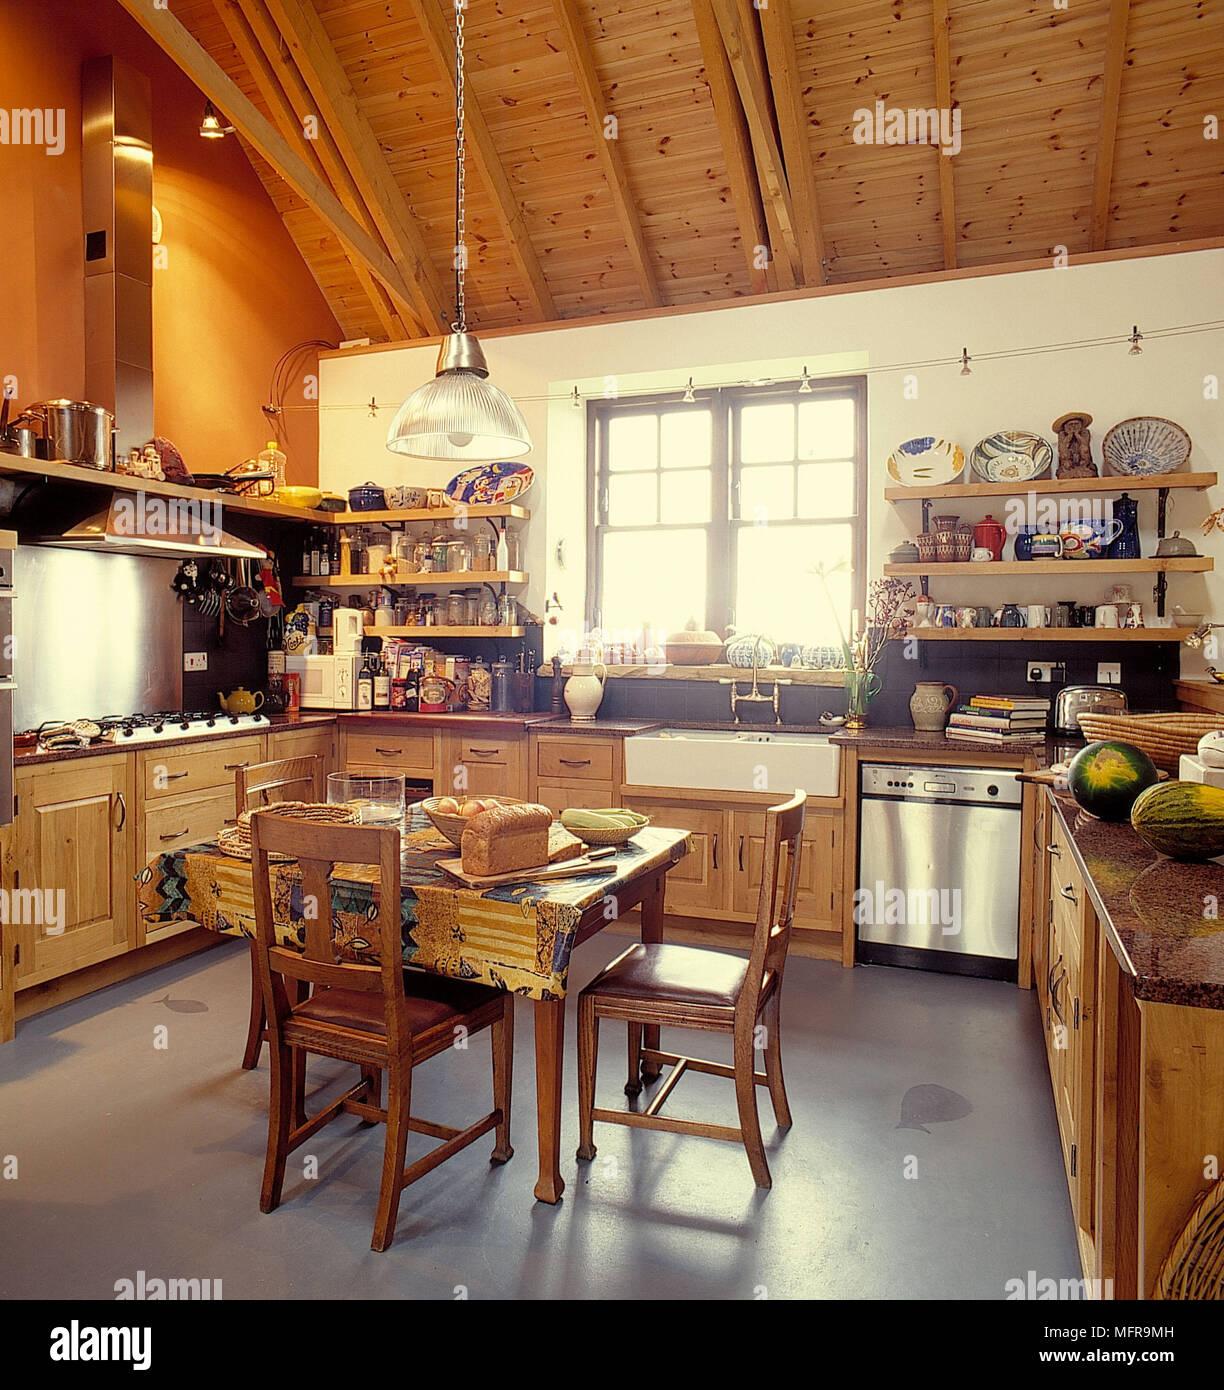 Wohnideen Mit Dachschräge In Küche Bad